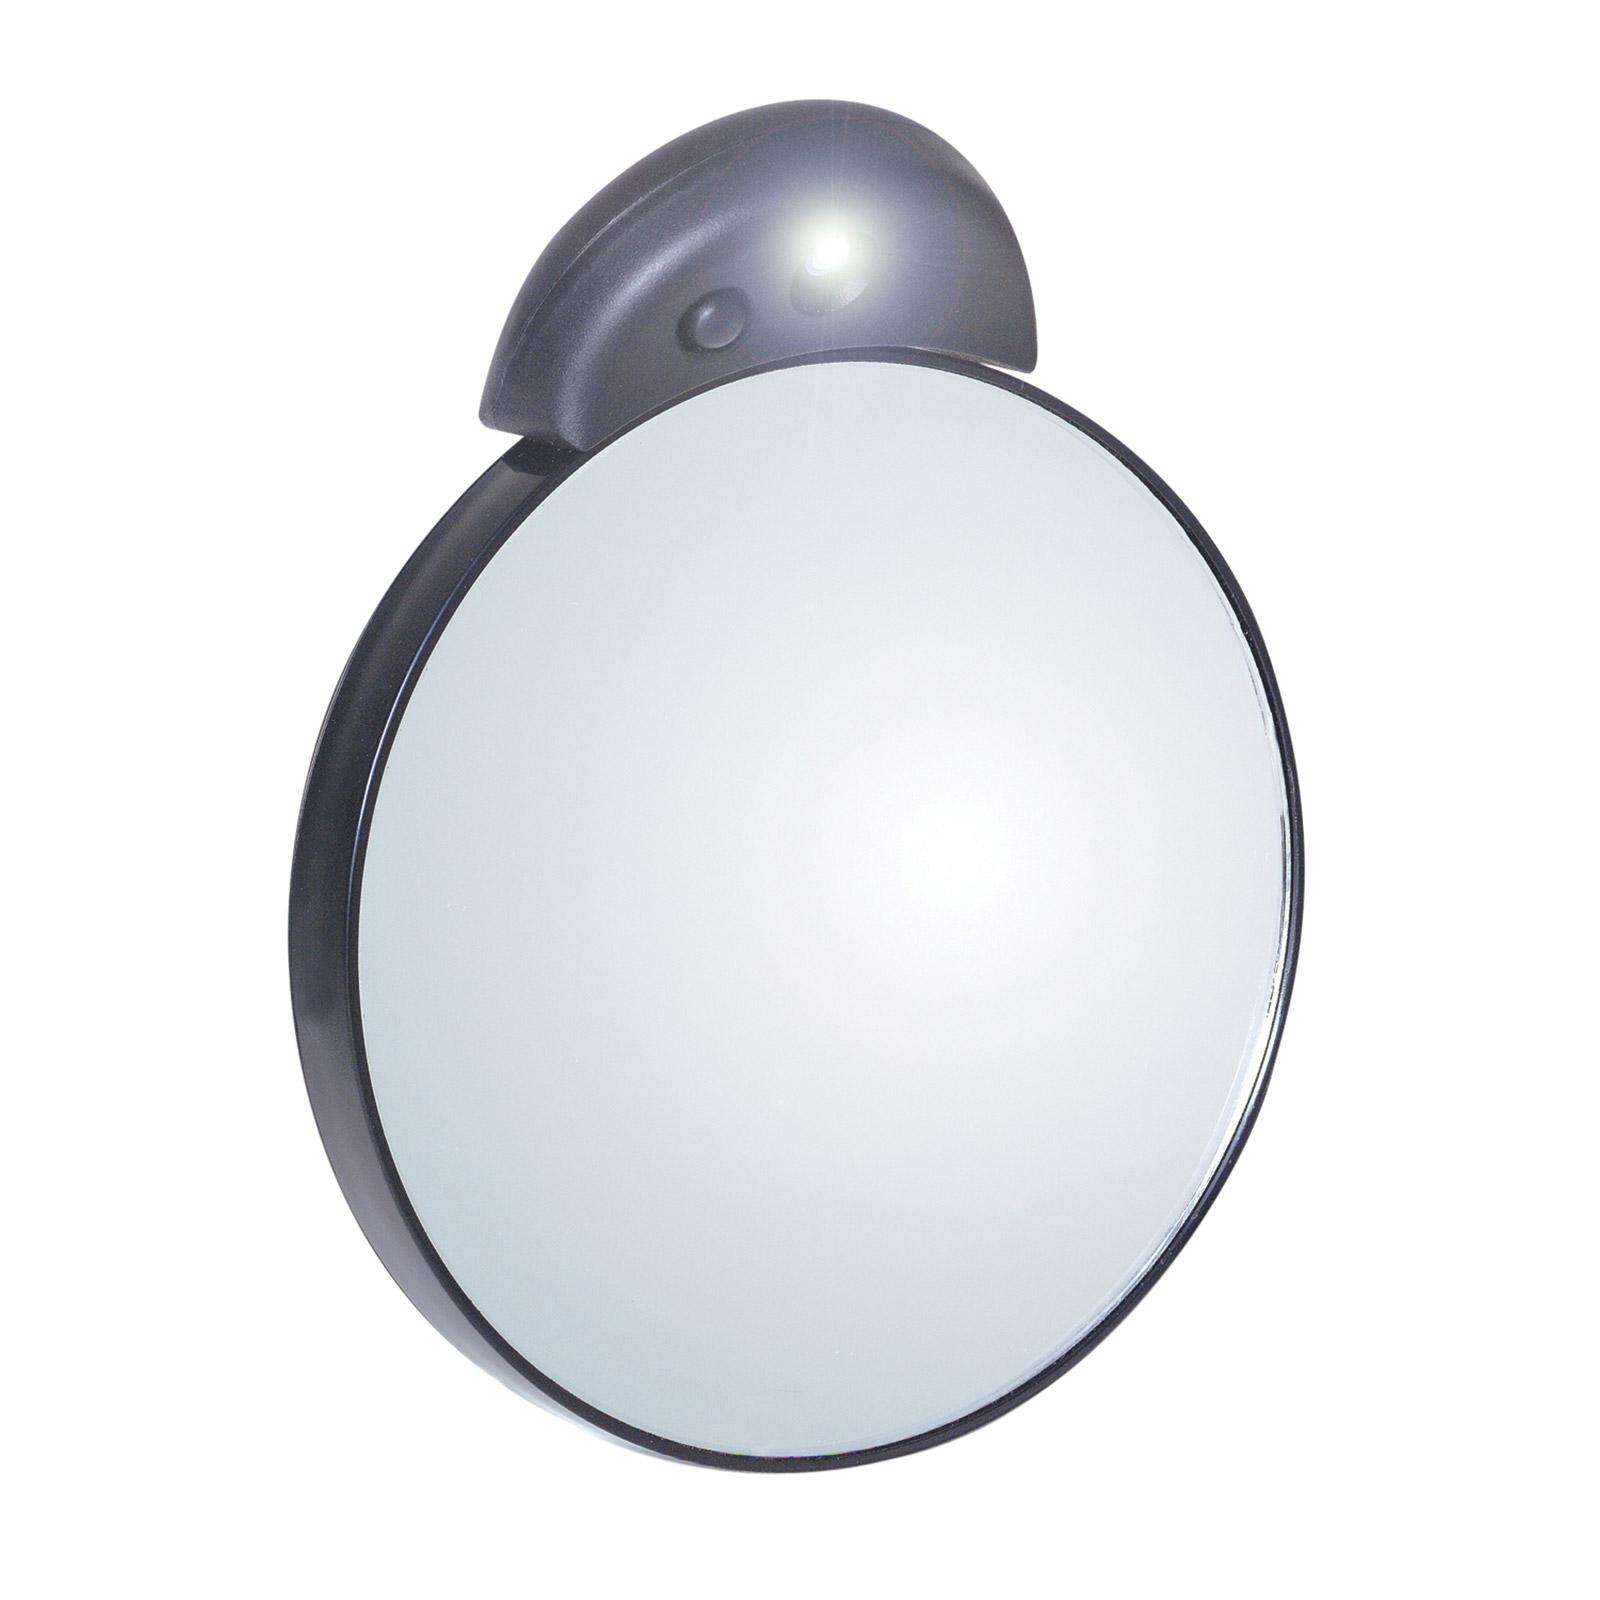 Alle bedrijven online tweezerman 10x vergrotende spiegel for Vergrotende spiegel